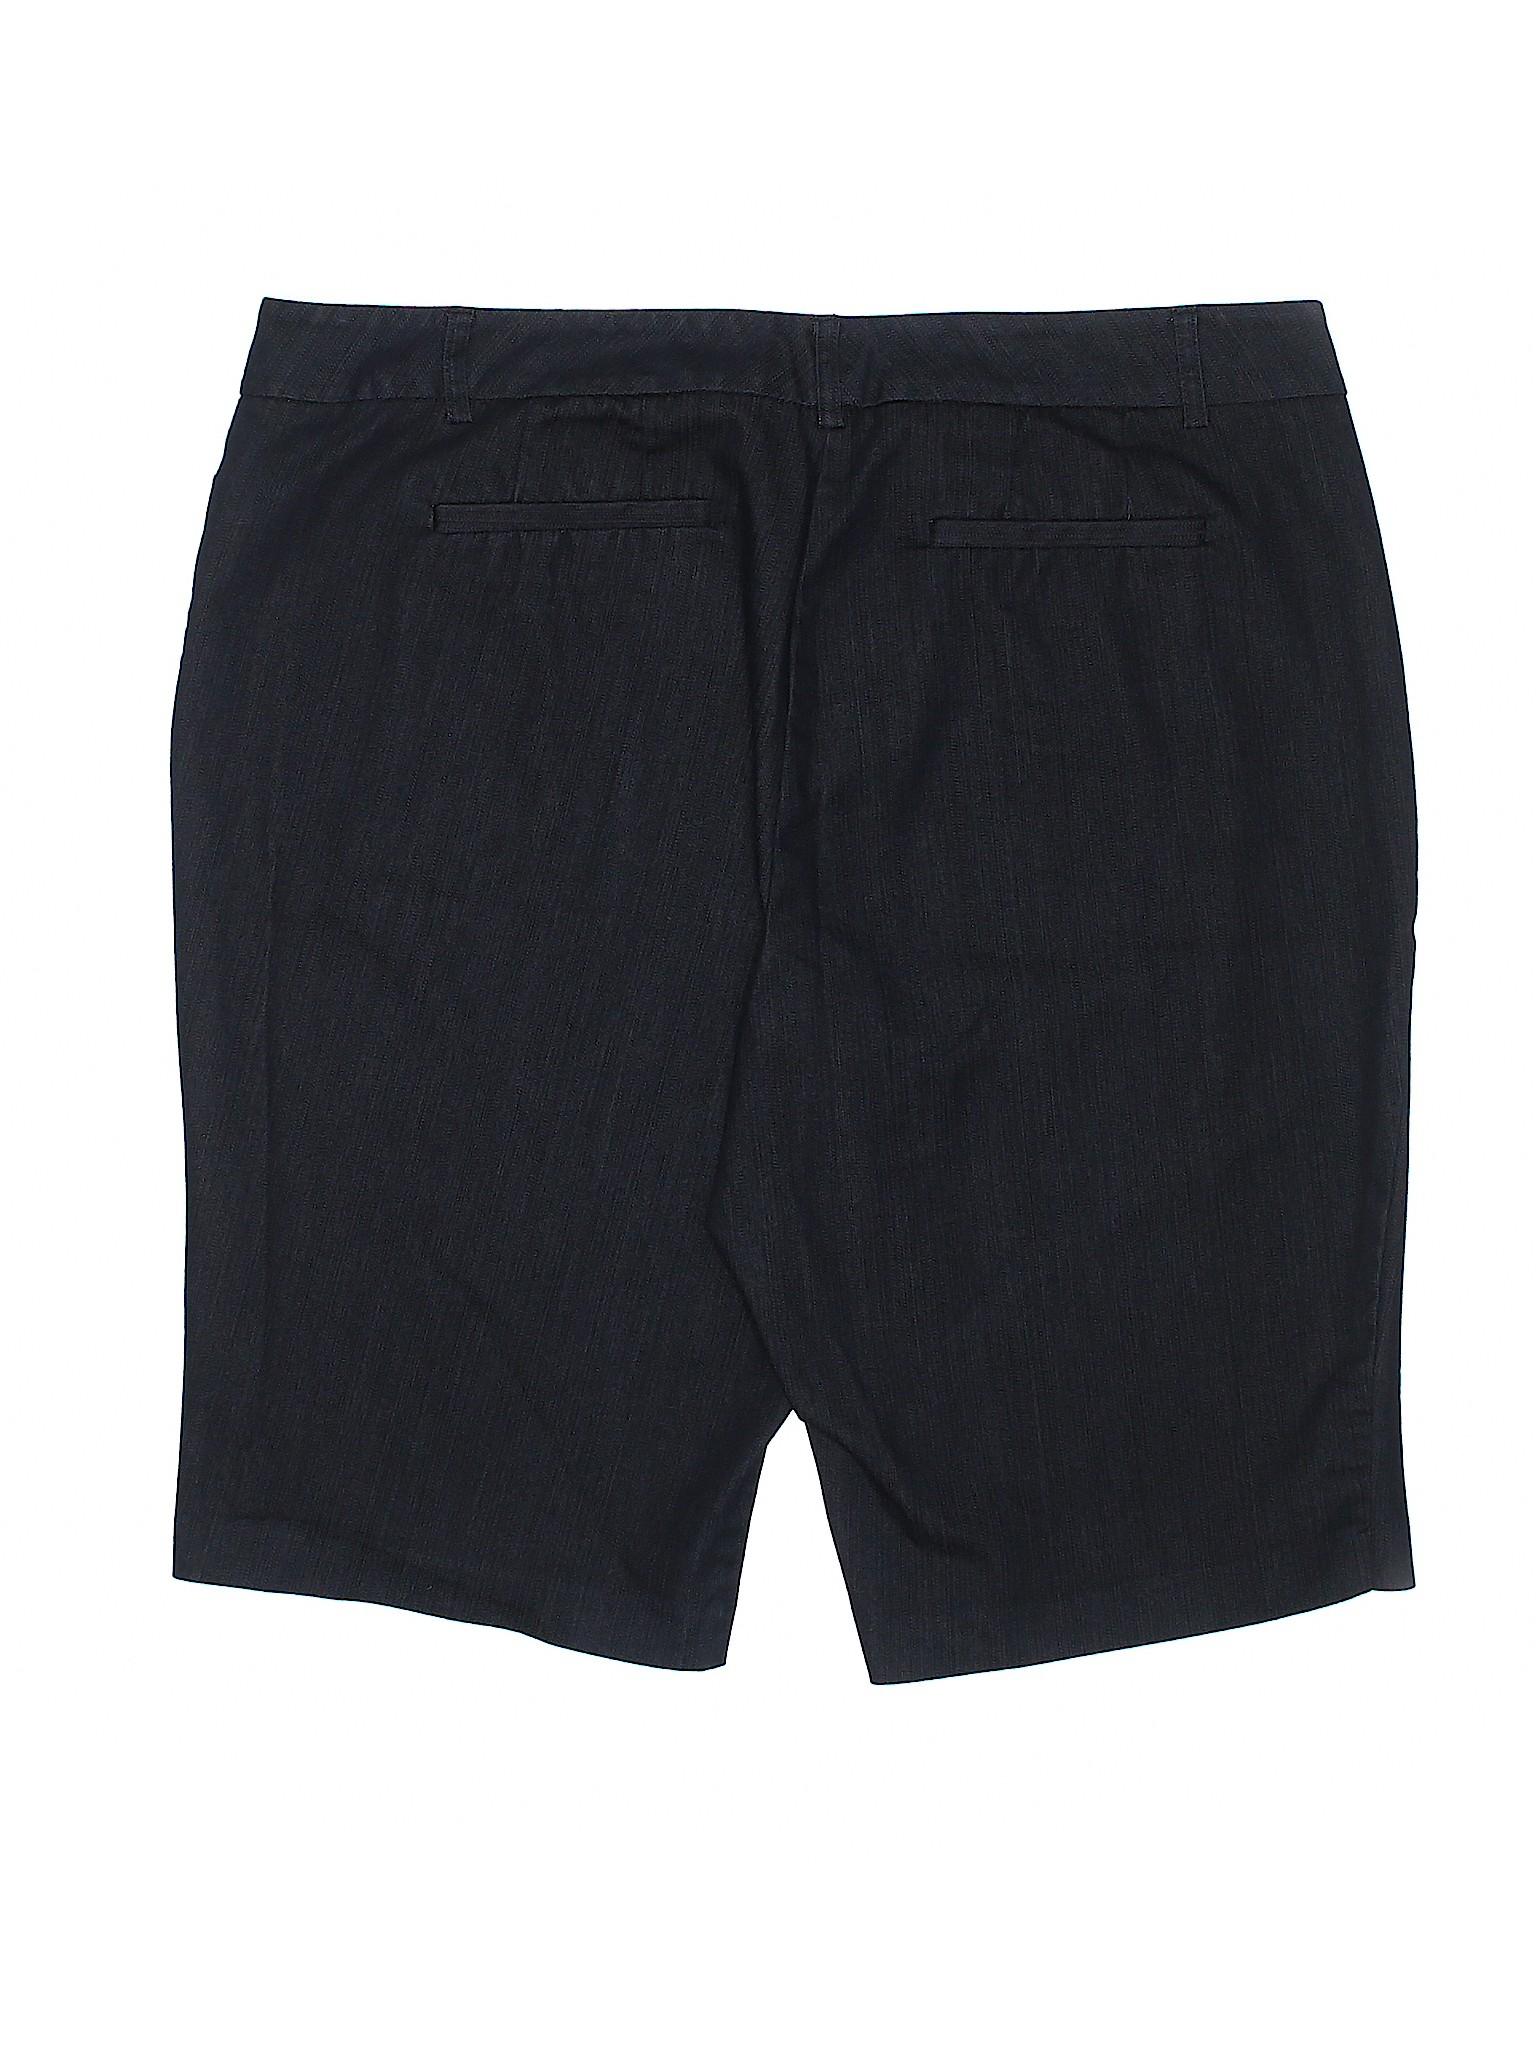 amp; Studio Company Avenue Boutique Shorts Design York 7th New wY0tvFq